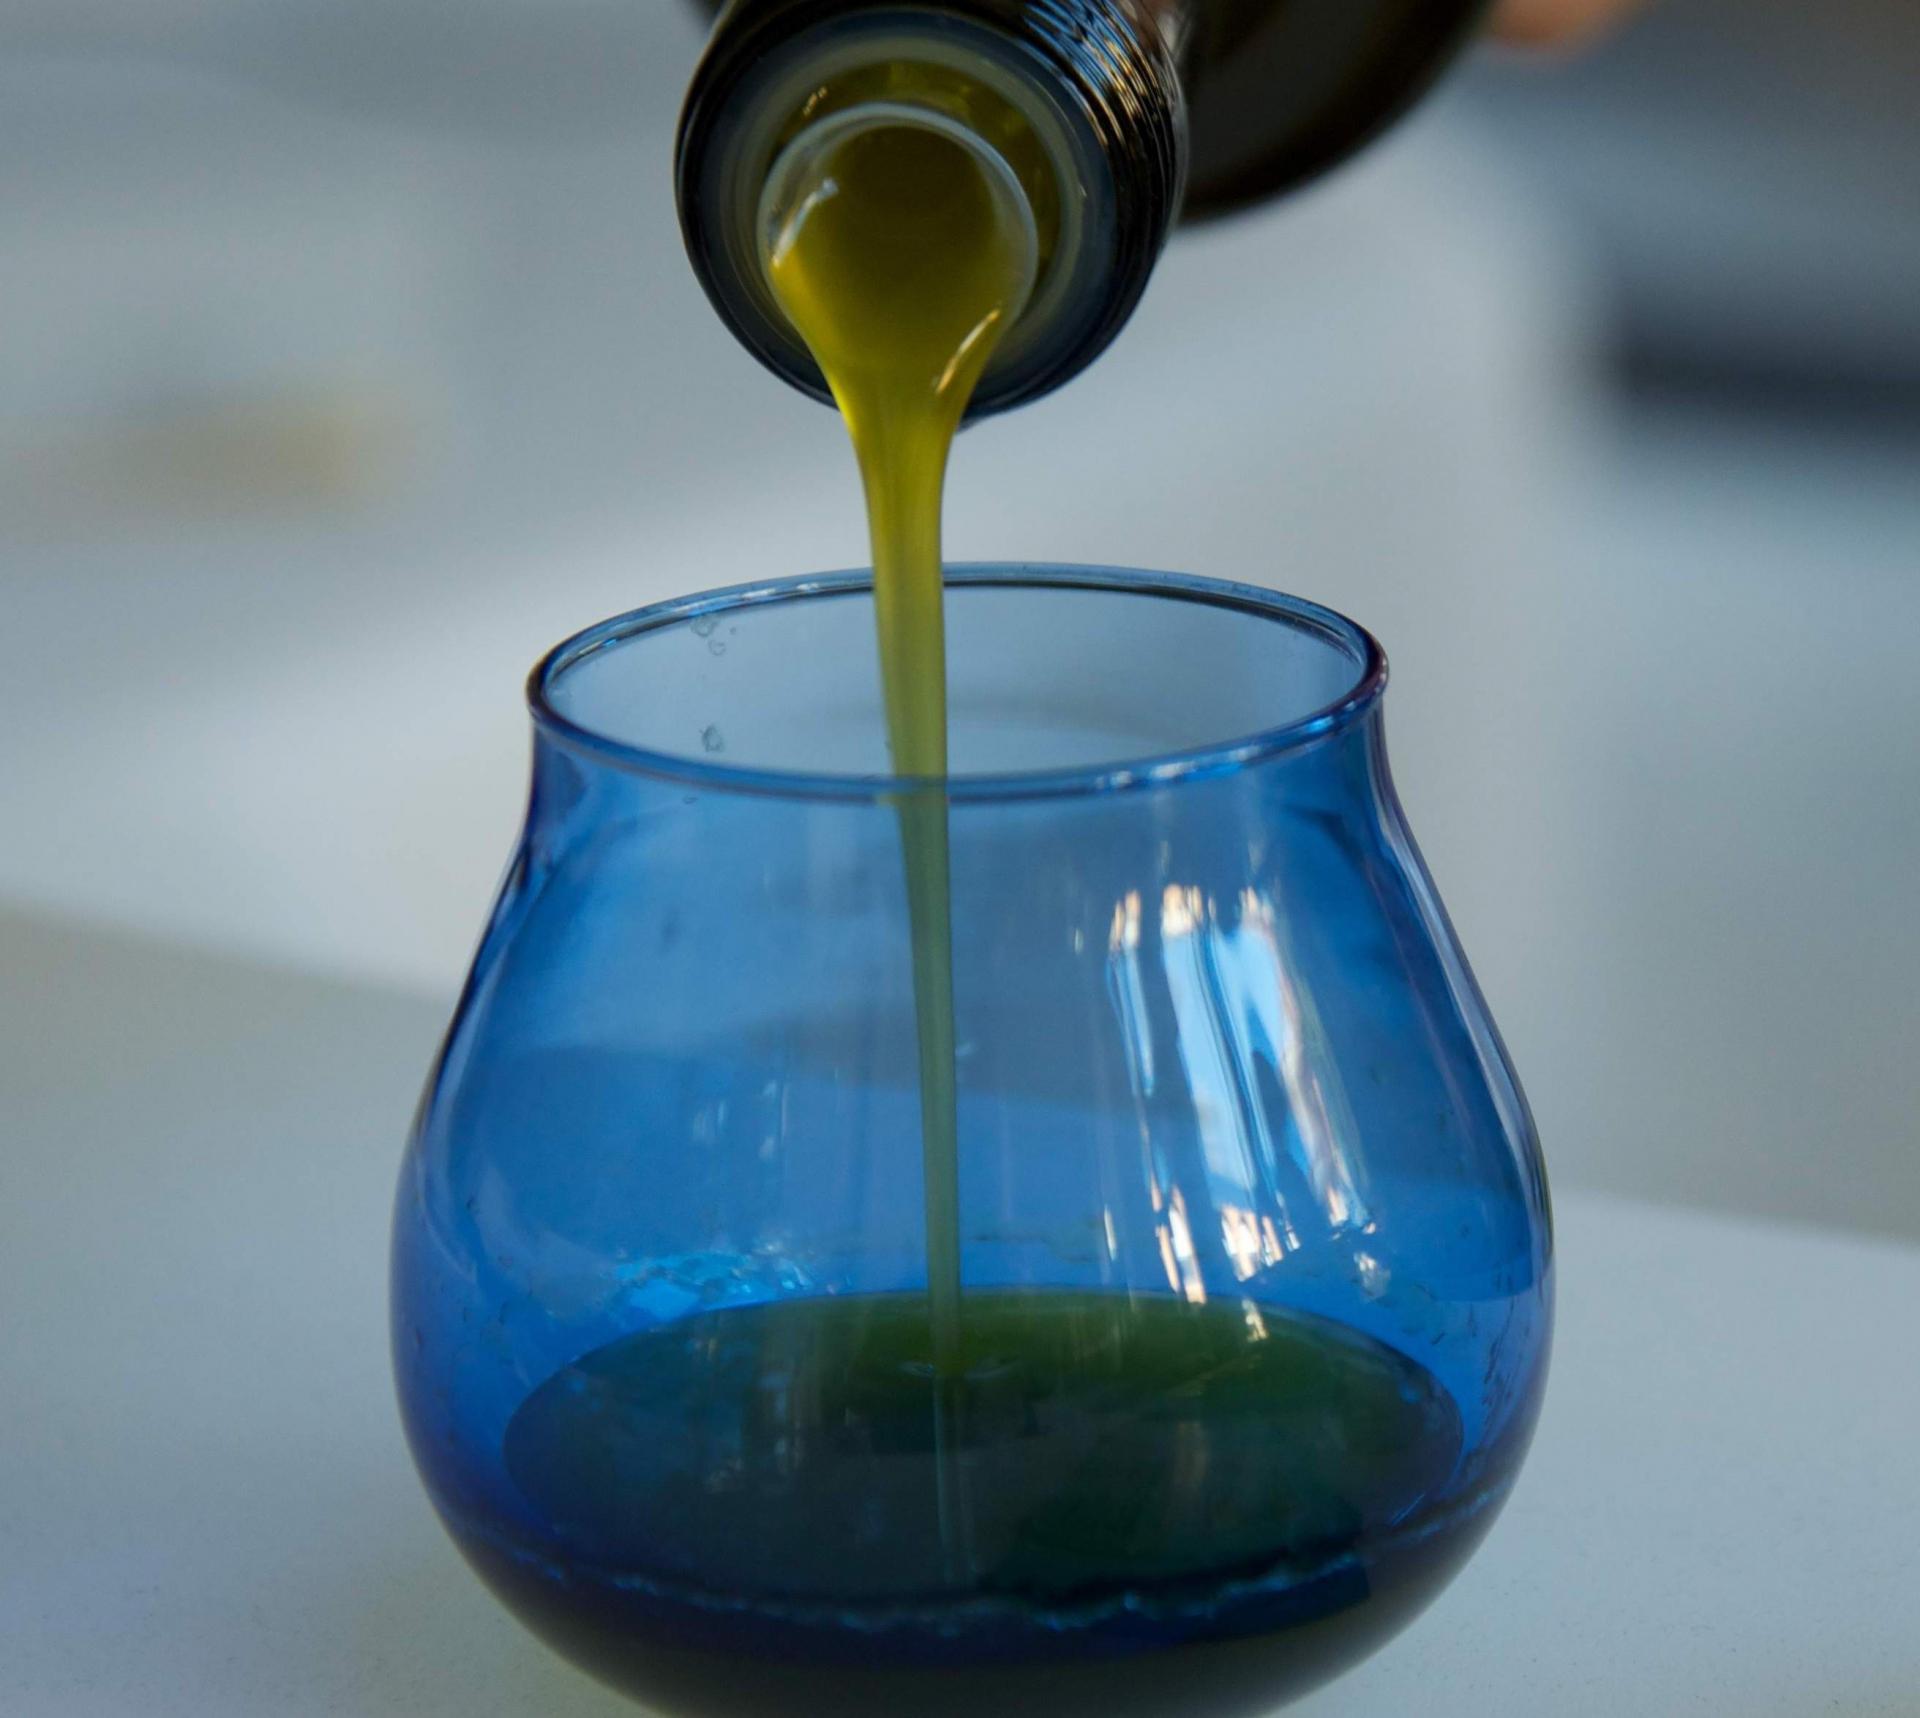 Assaggiatori d'olio, nuove direttive